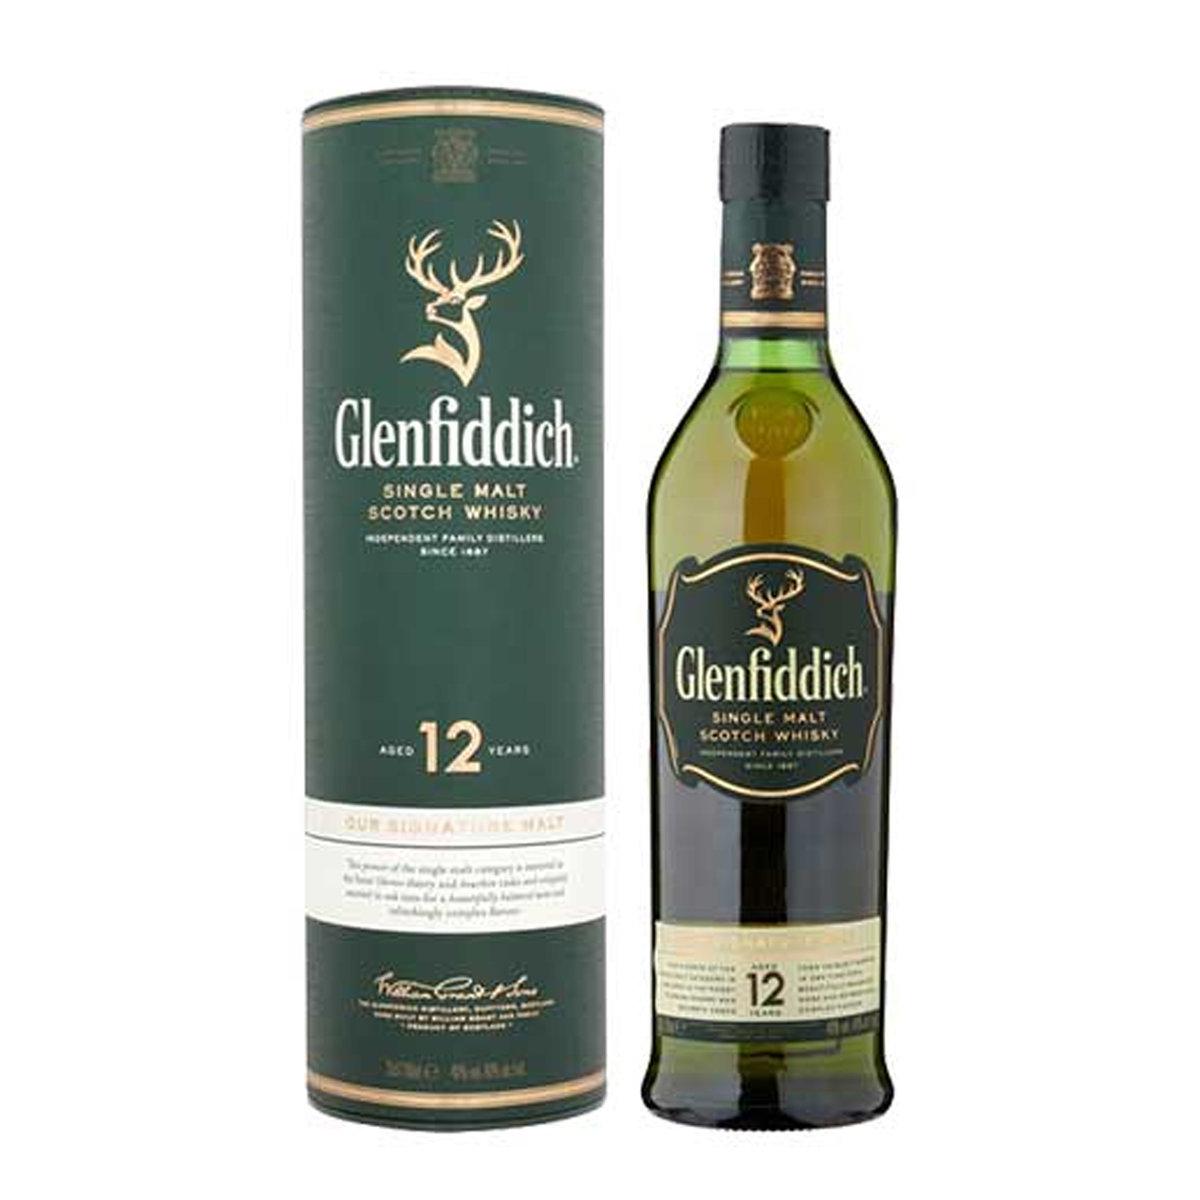 格蘭菲迪蘇格蘭威士忌12年(單一純麥芽) 750毫升